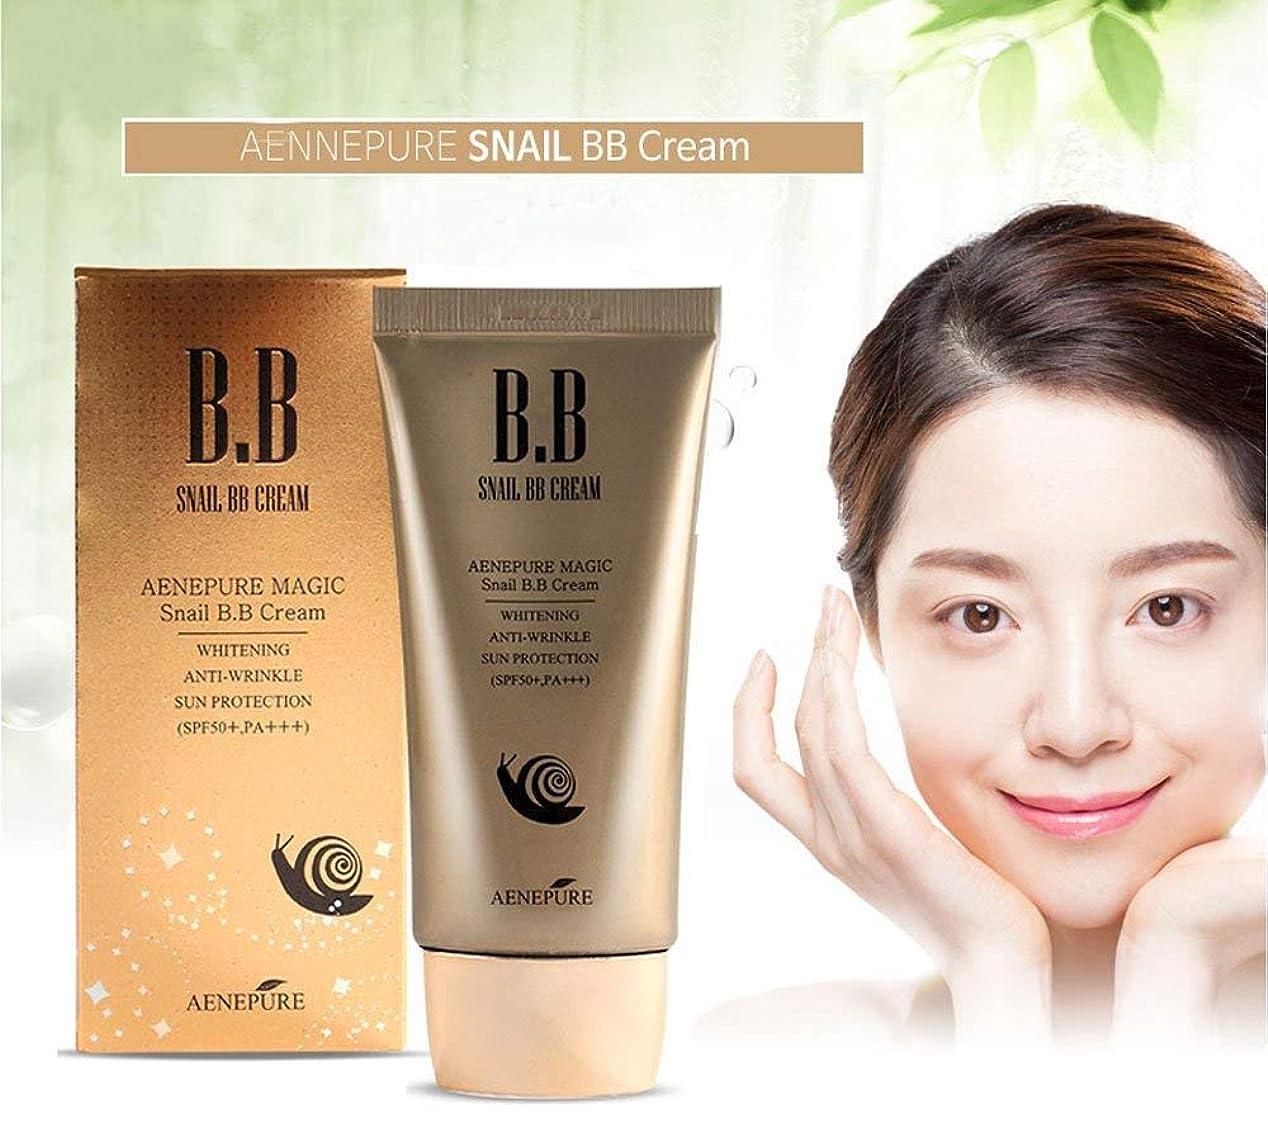 被害者マカダム経済的[Aenepure] カタツムリBBクリームSPF50の+、PA +++ / Snail BB cream SPF50+, PA +++ / ホワイトニング、アンチリンクル、日焼け防止 / Whitening, Anti-Wrinkle,Sun protection / 韓国化粧品 / Korean Cosmetics [並行輸入品]